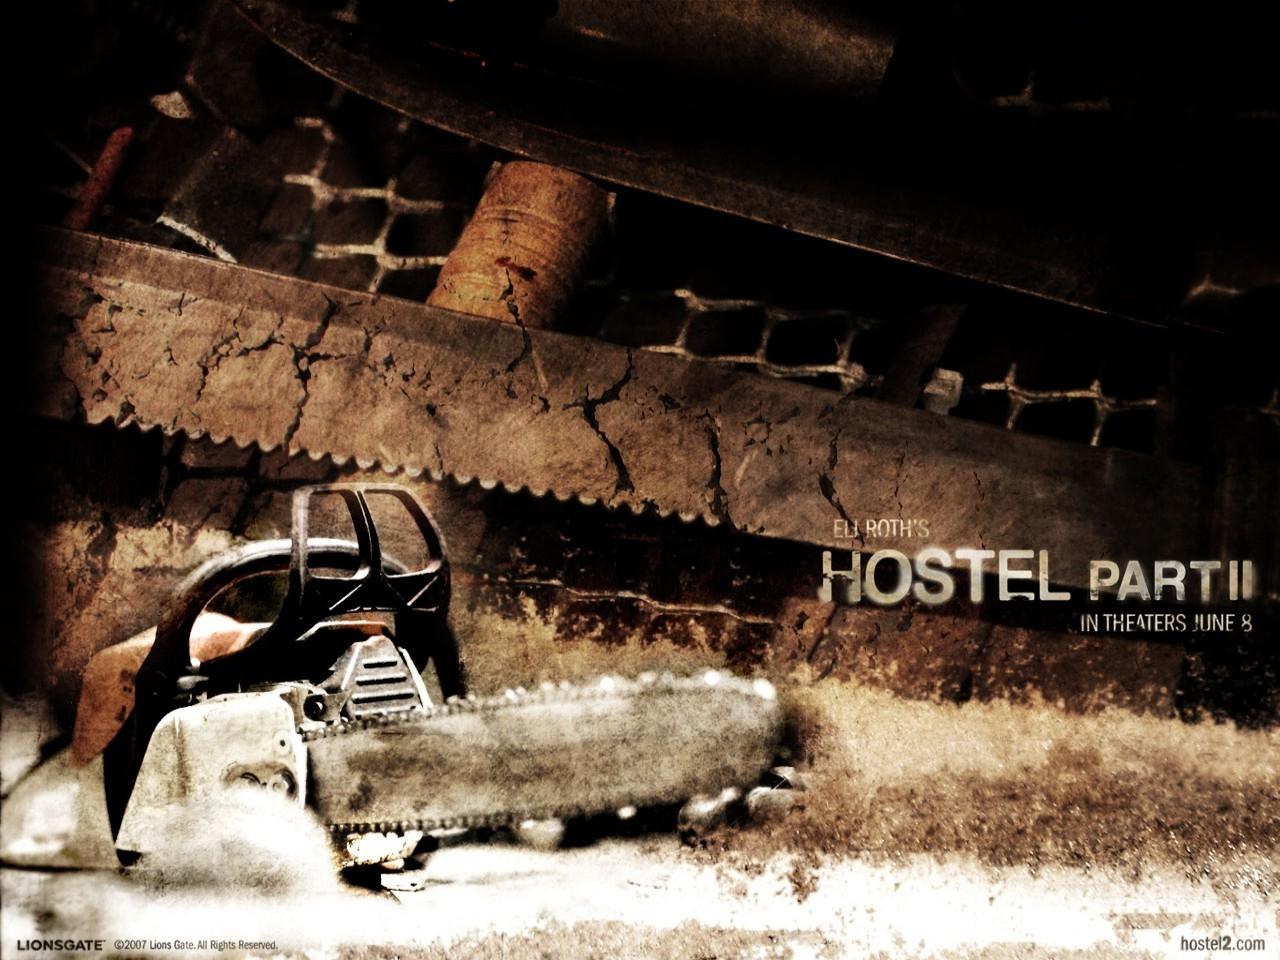 Wallpaper del film Hostel: Part II